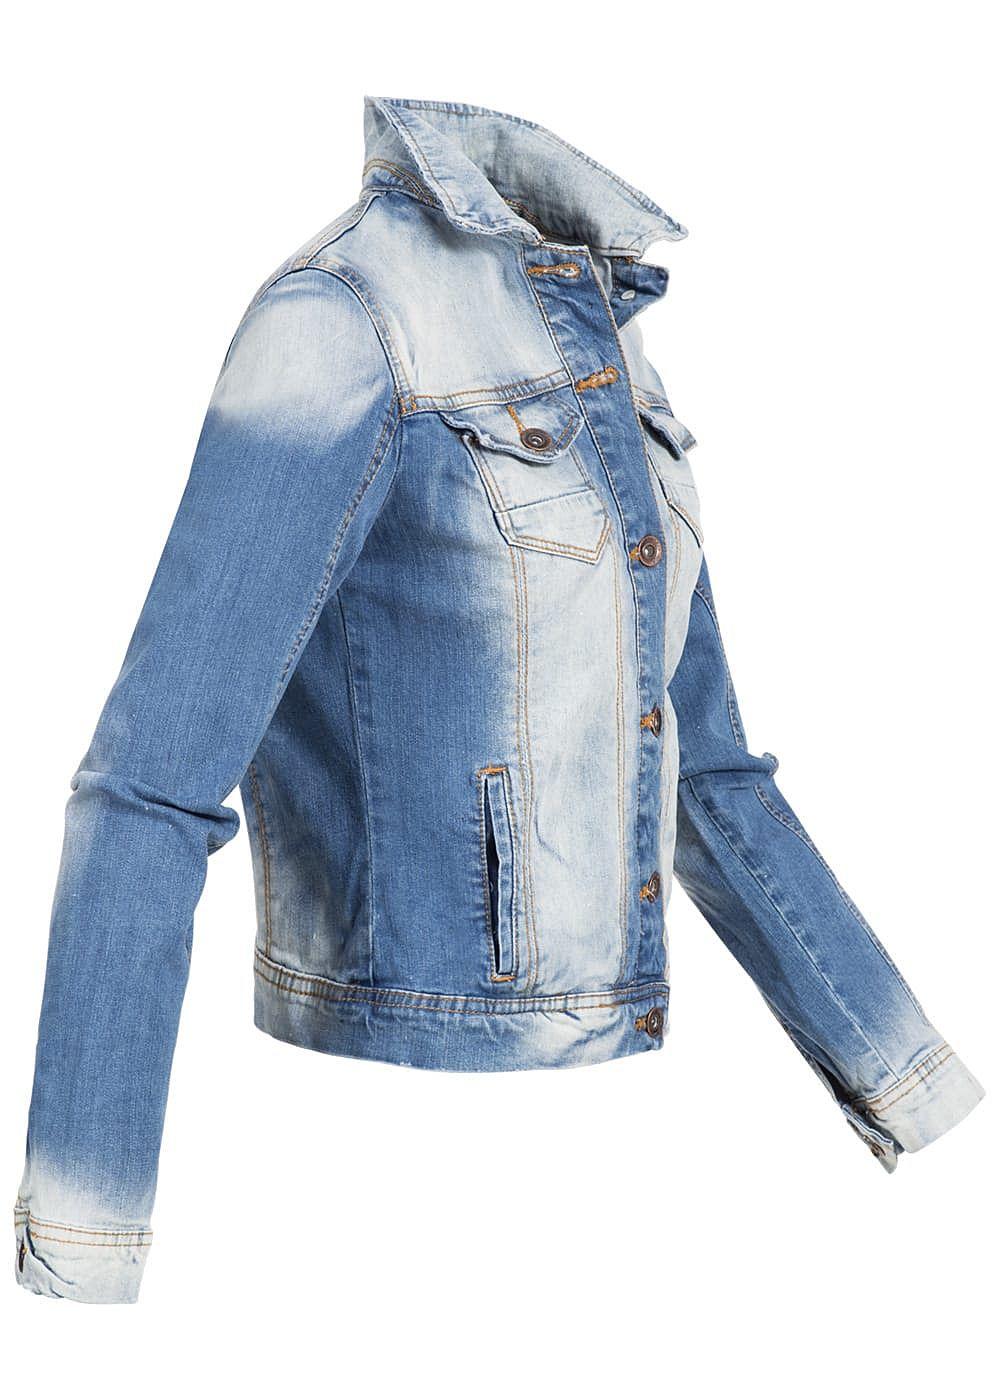 eight2nine damen jeans jacke washed look 4 pockets by rock. Black Bedroom Furniture Sets. Home Design Ideas